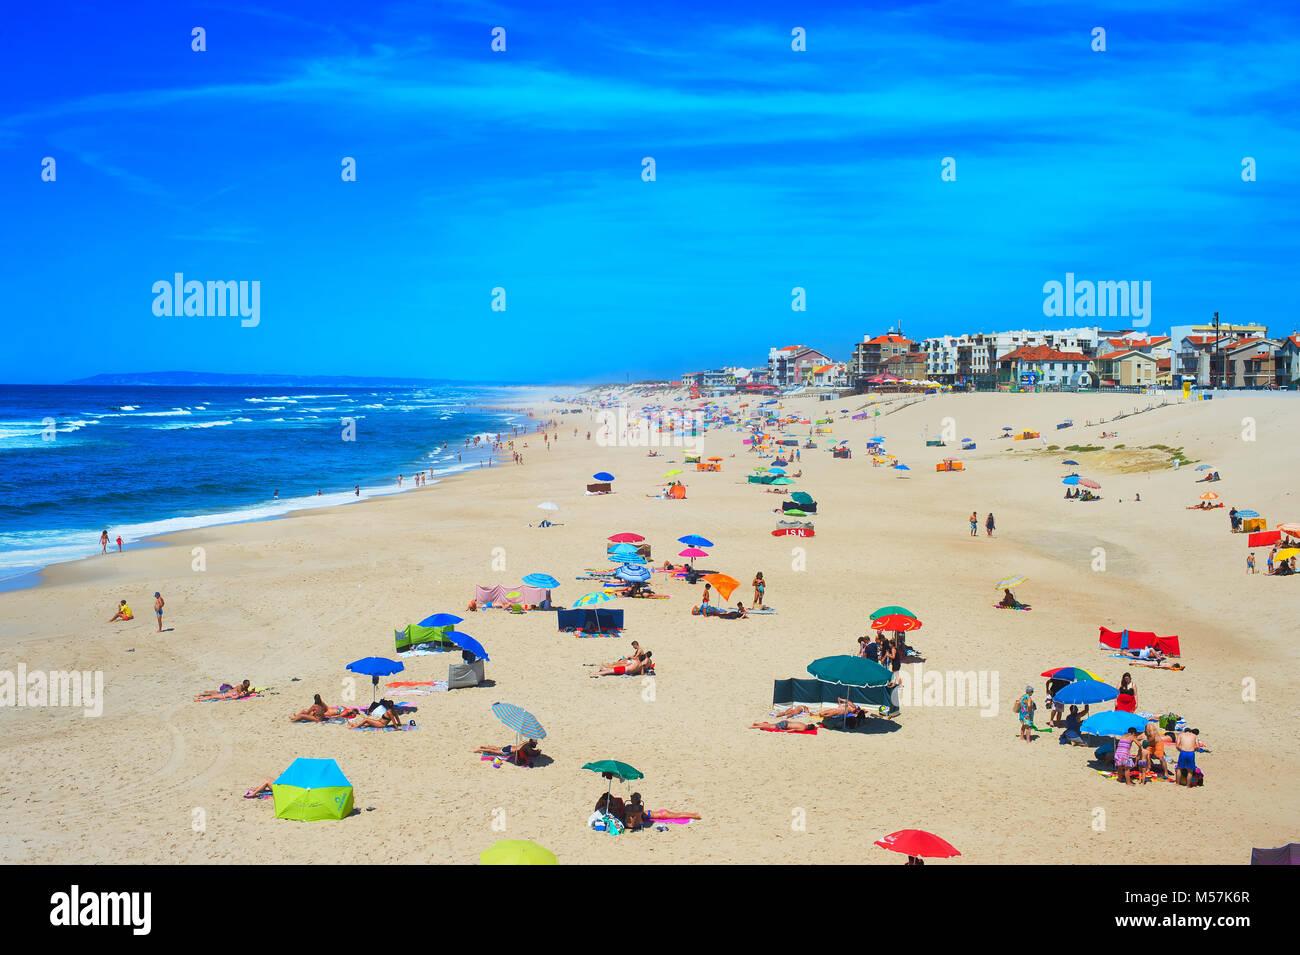 ESPINHO, PORTUGAL - jul 30, 2017: la gente en la playa en temporada alta. Portugal famoso destino turístico Imagen De Stock